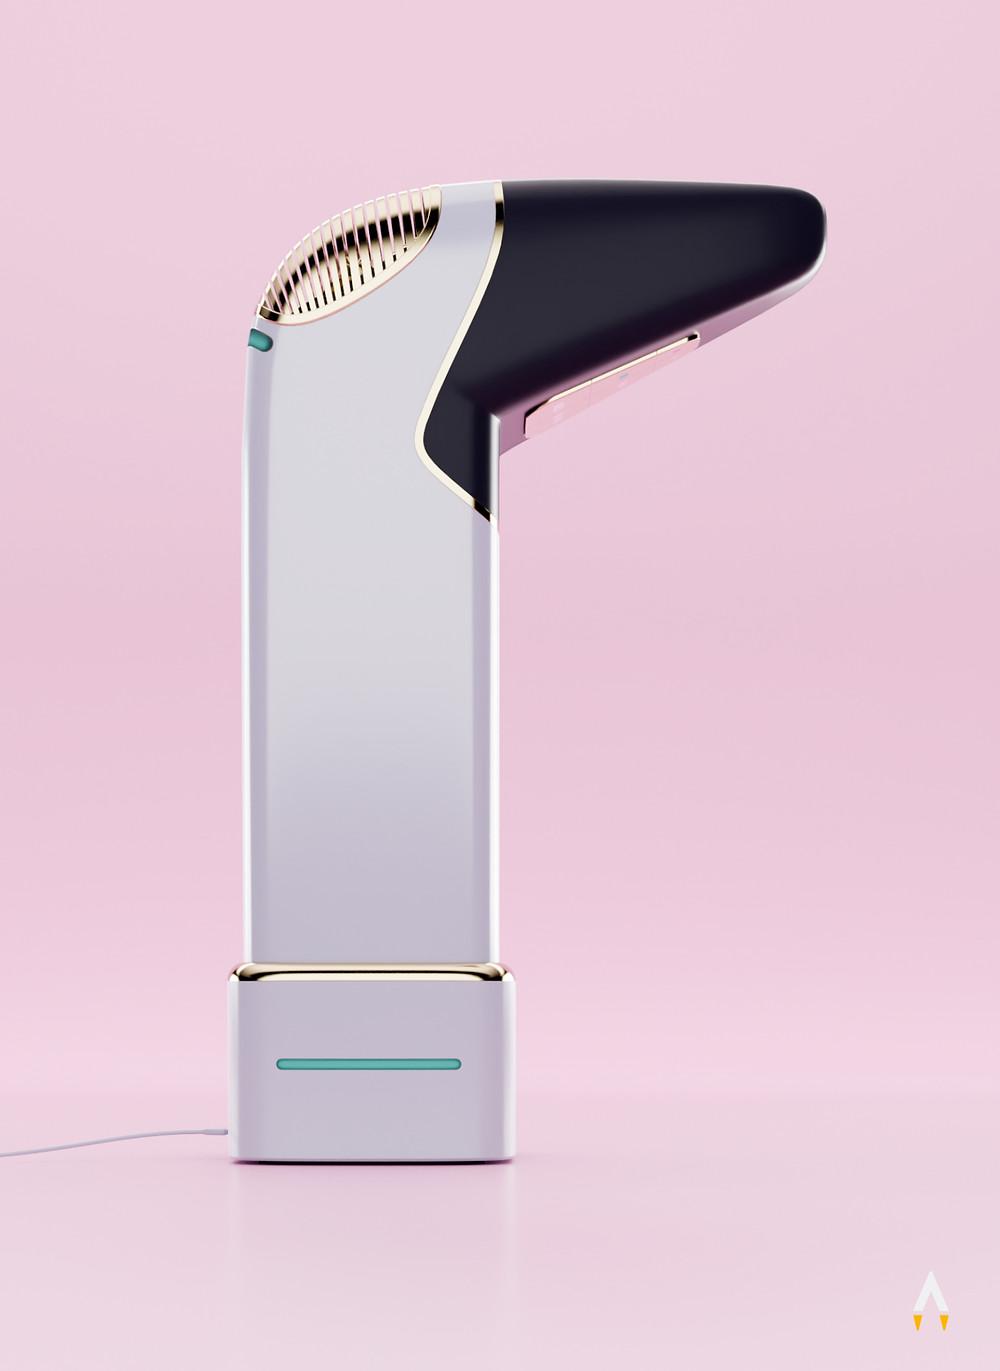 Ein futuristischer, akkubetriebener Haartrockner waagerecht in seiner Ladestation stehend.